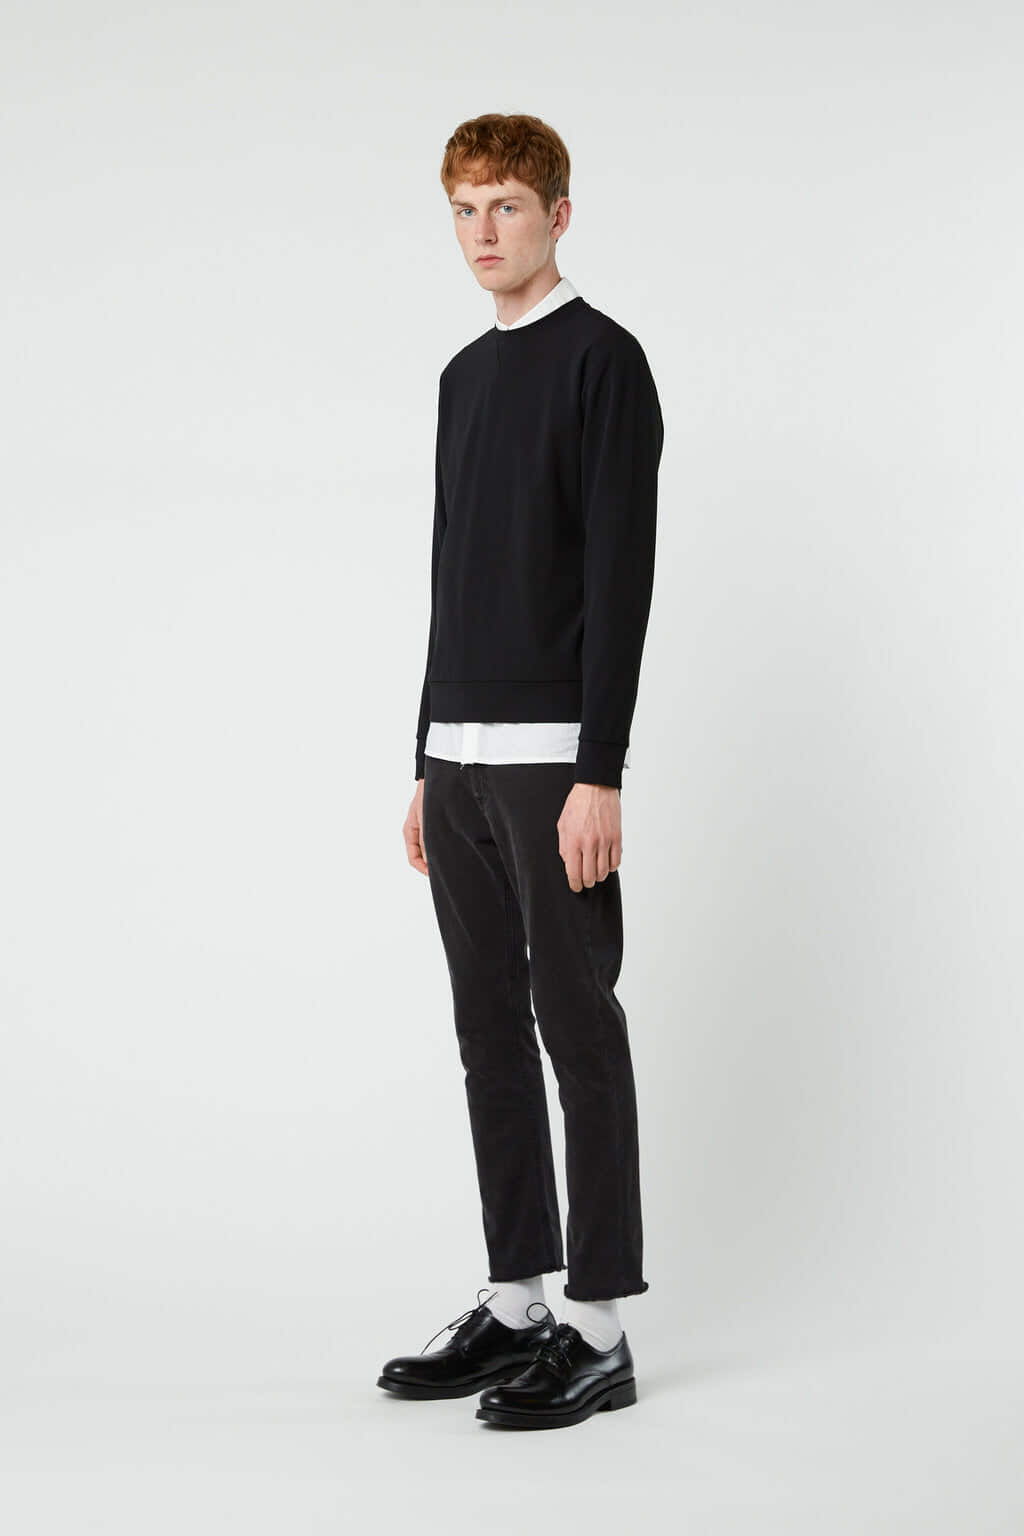 TShirt 2654 Black 12